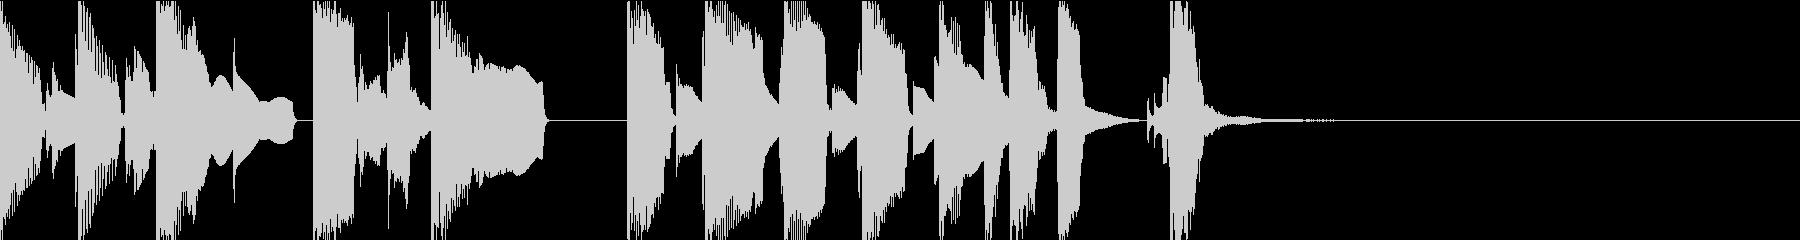 ヘンテコで可愛いアイキャッチの未再生の波形